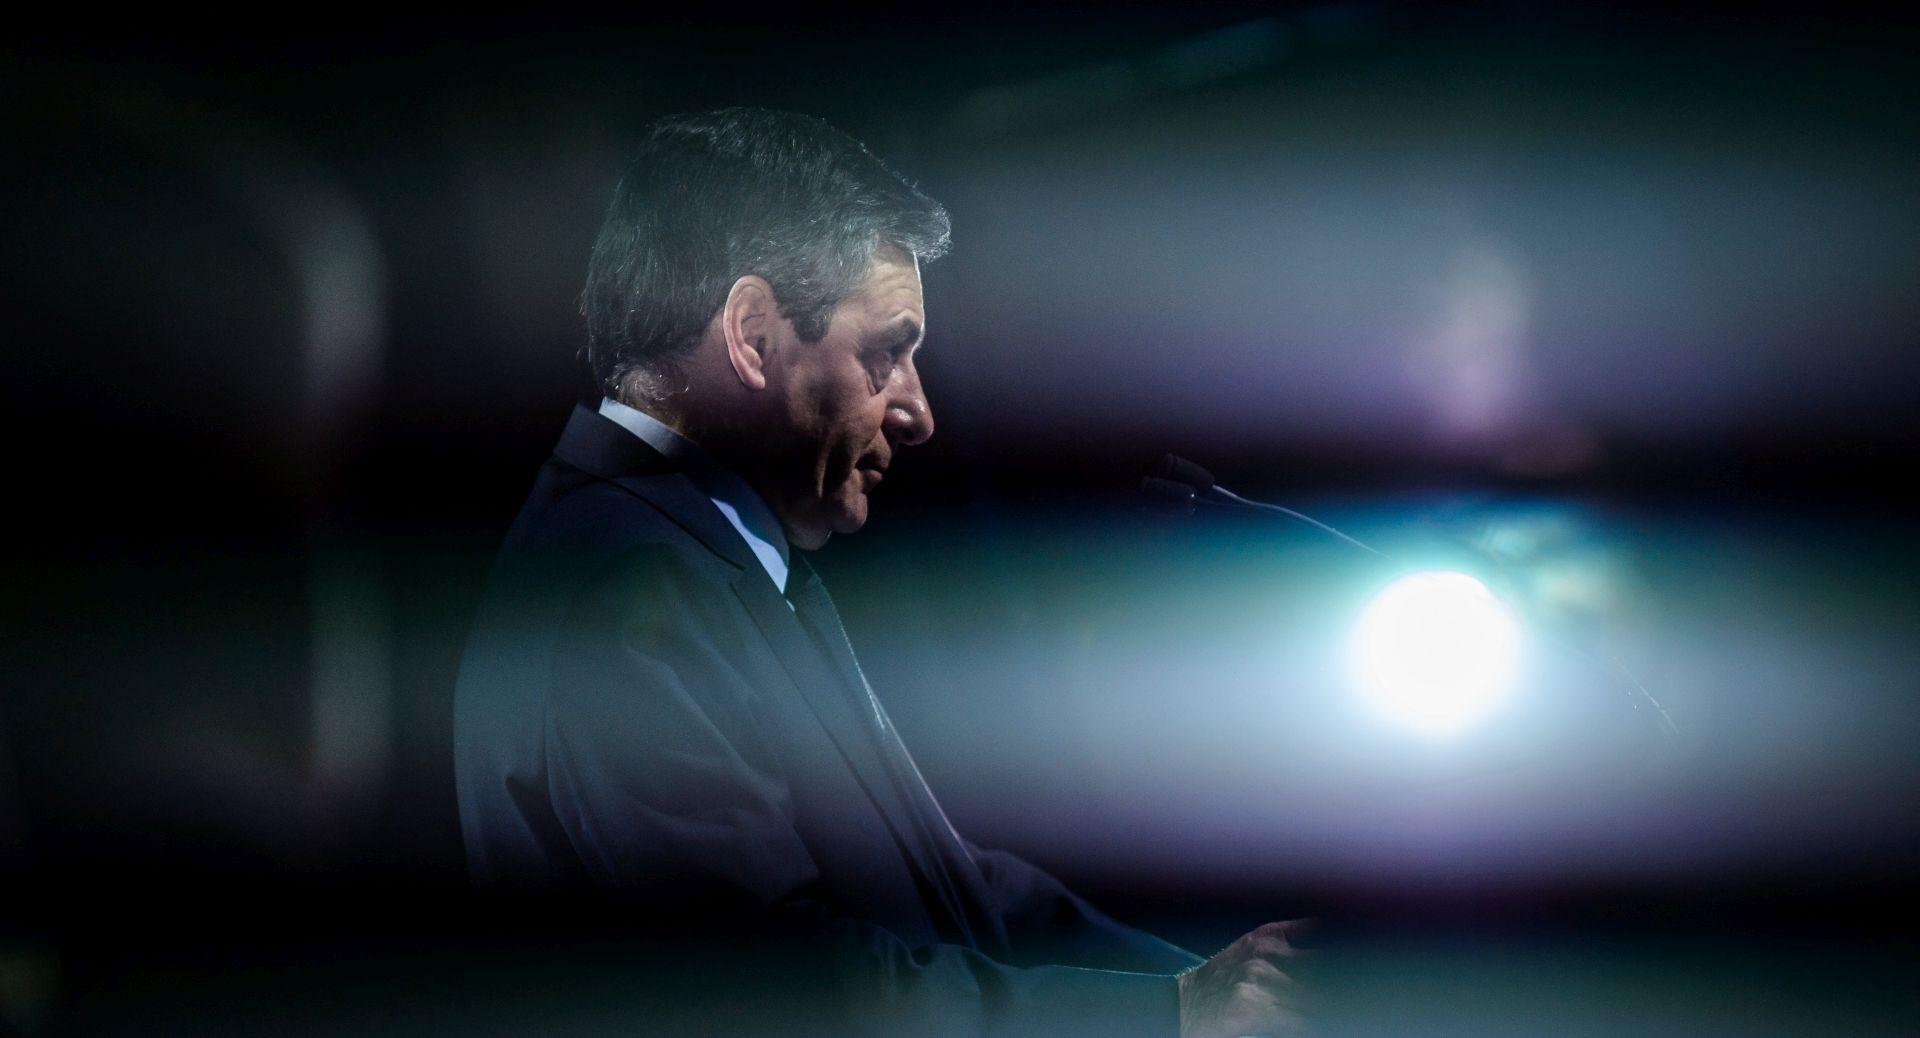 Francuski konzervativci predložit će novog kandidata, Fillon će se obratiti preko TV-a